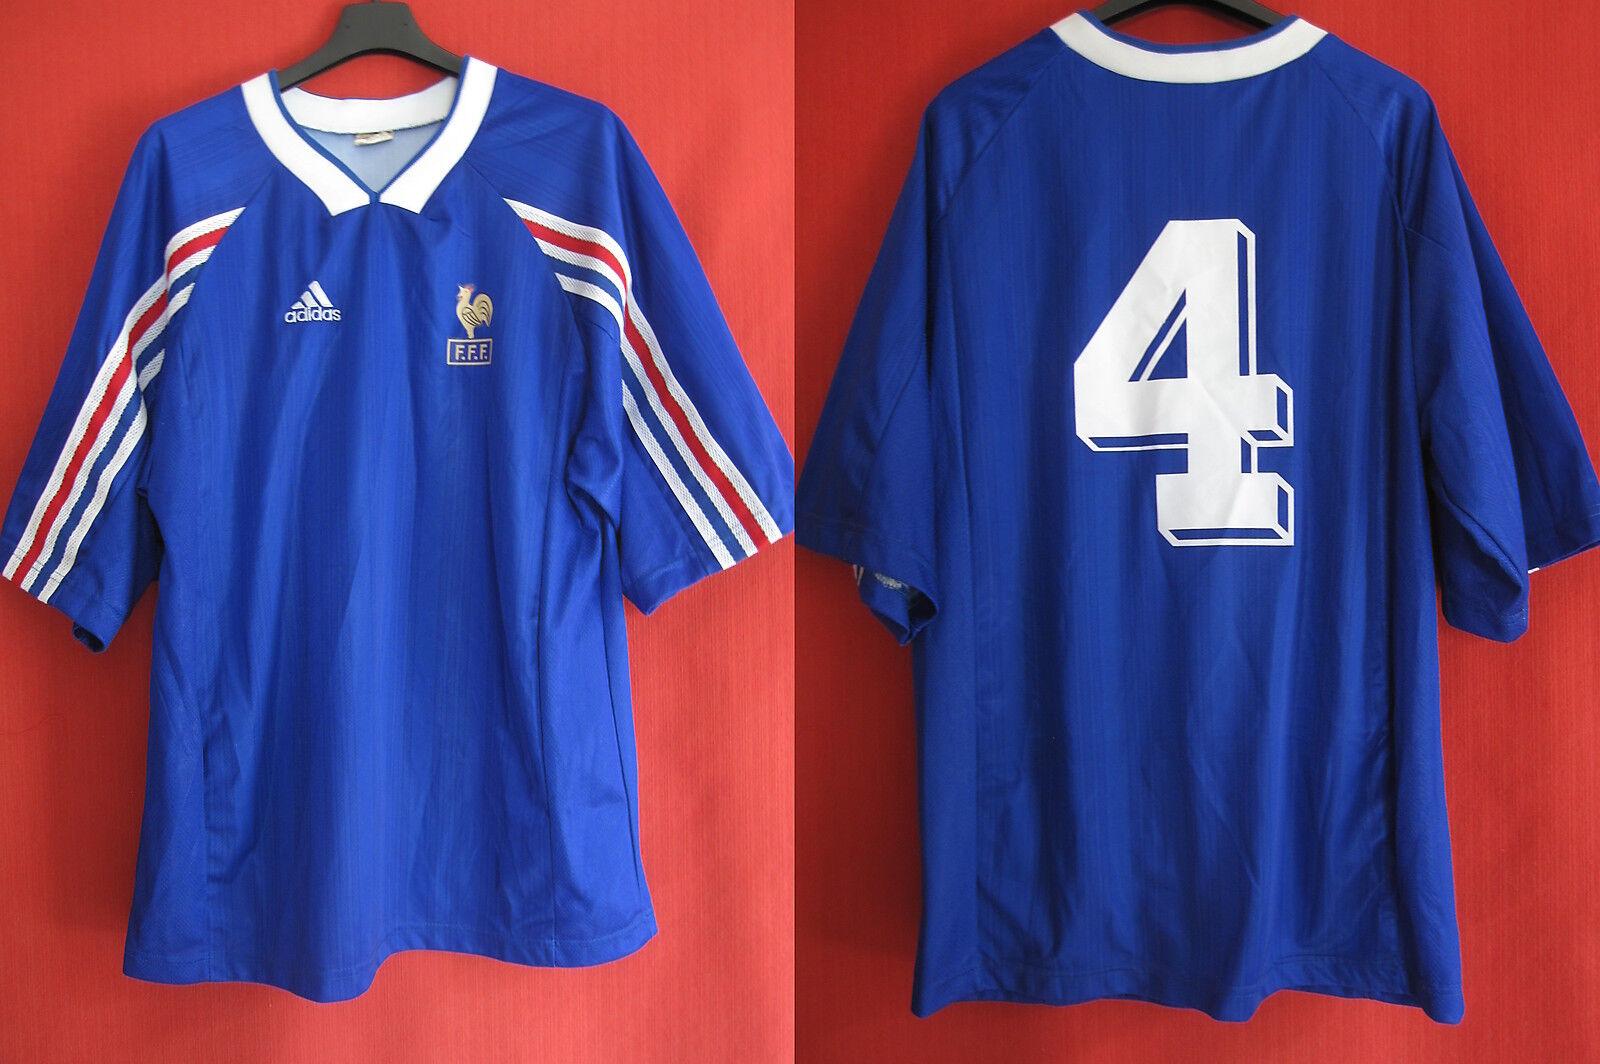 Maillot Equipe de France Vintage porte Vintage Espoir azul - XL